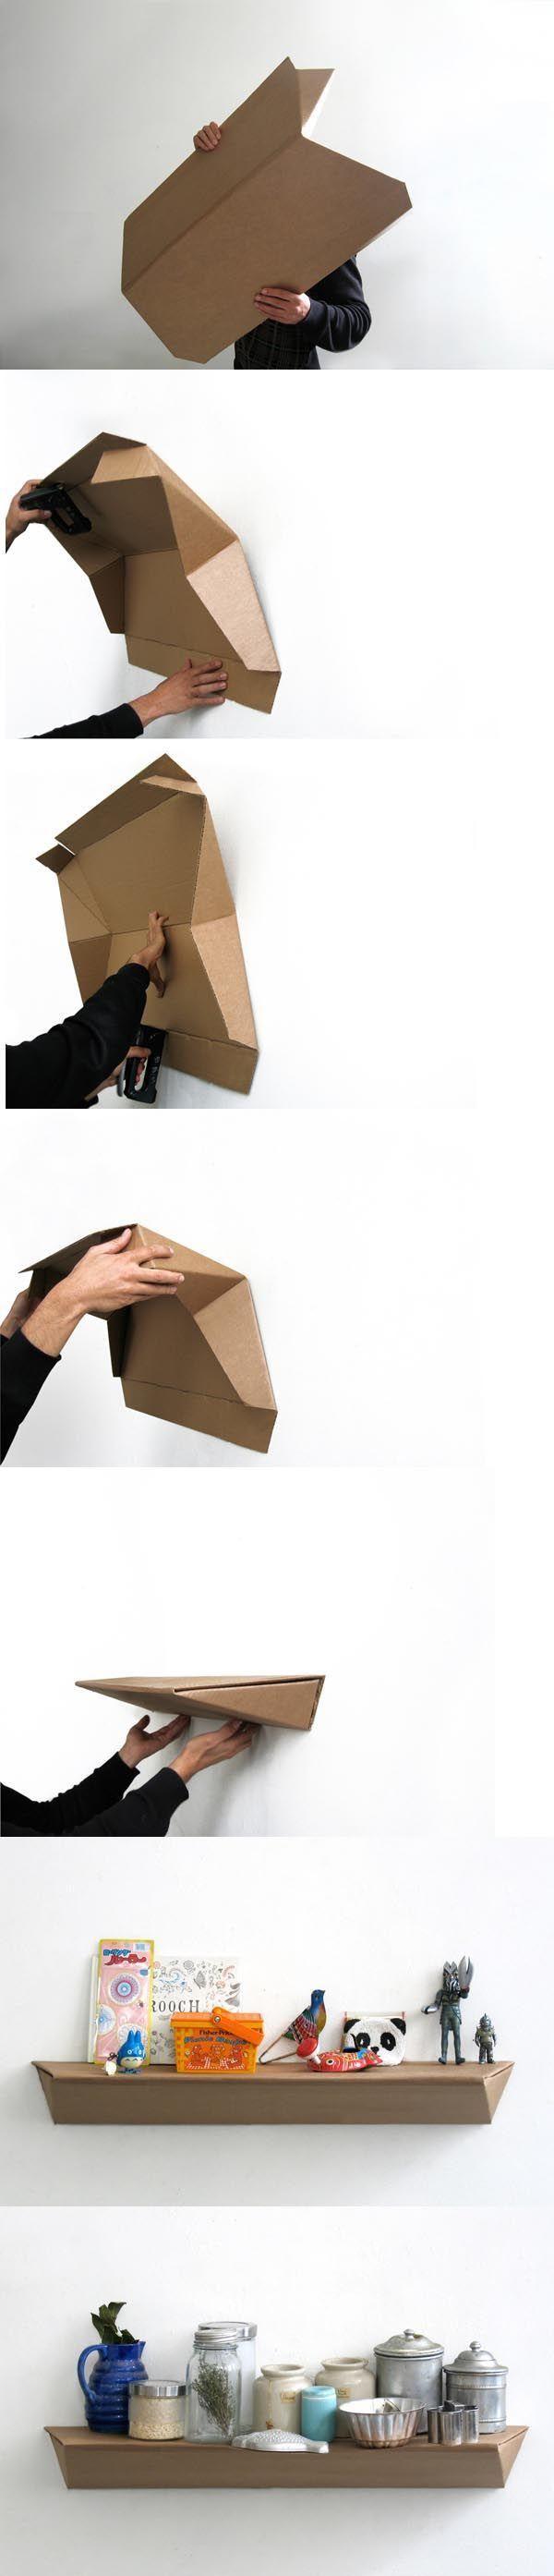 DIY cardboard shelf. www.interplas.com/corrugated-boxes